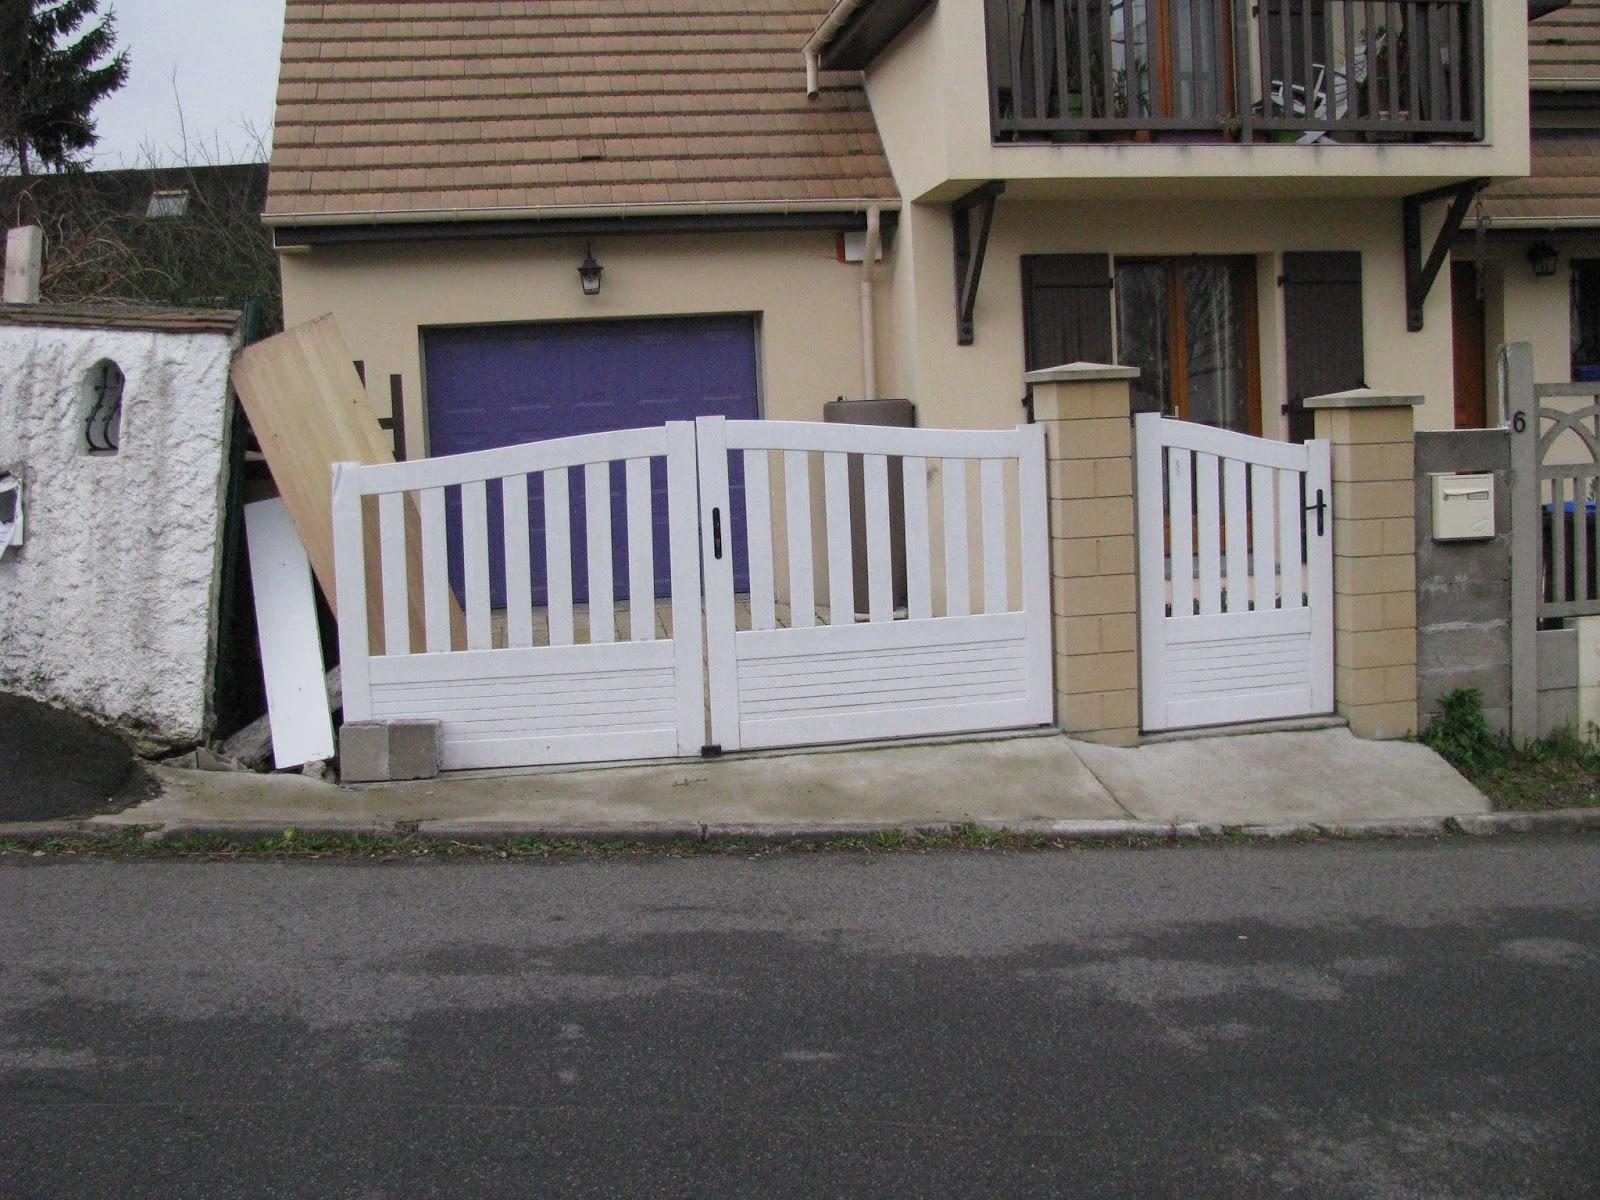 je fais construire ma maison un dr le d 39 accident 2 8. Black Bedroom Furniture Sets. Home Design Ideas